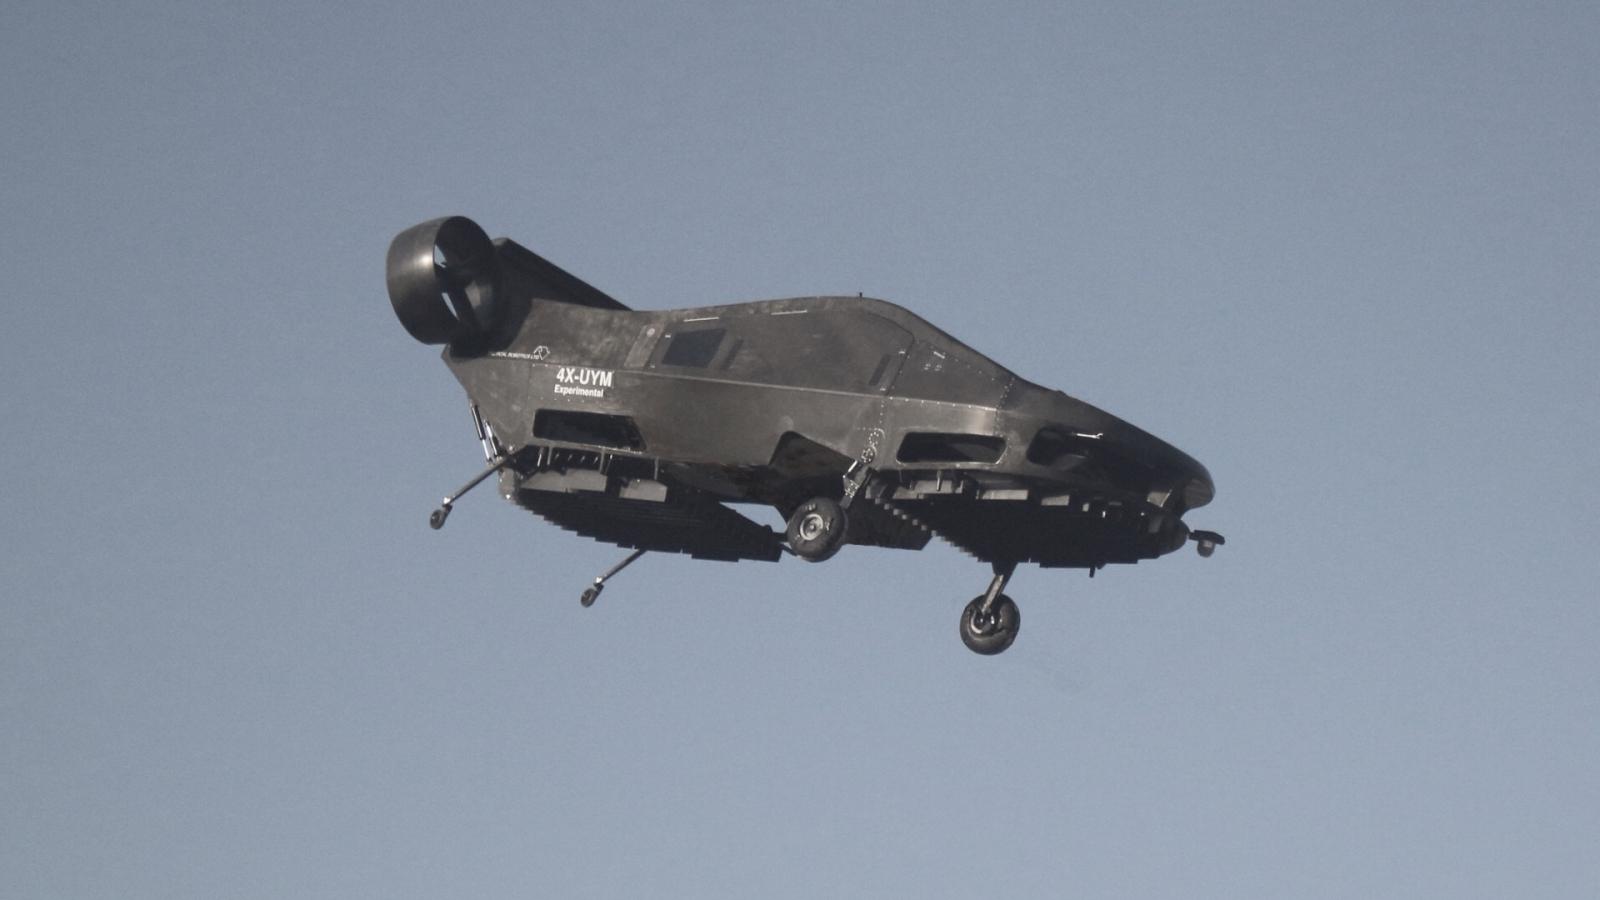 Ambulancia-dron, una realidad